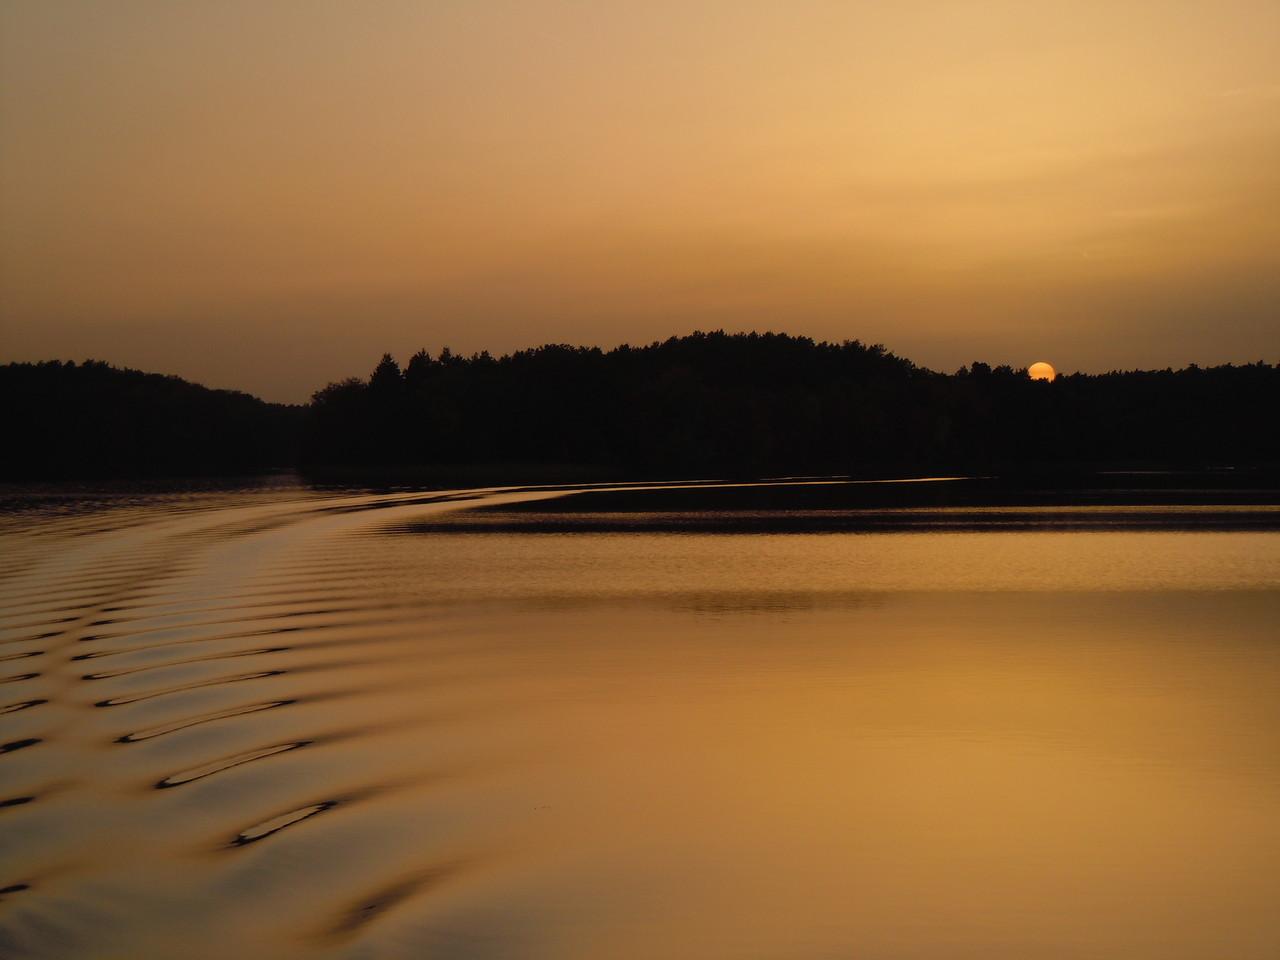 Abendstimmung auf den Zechliner Gewässern